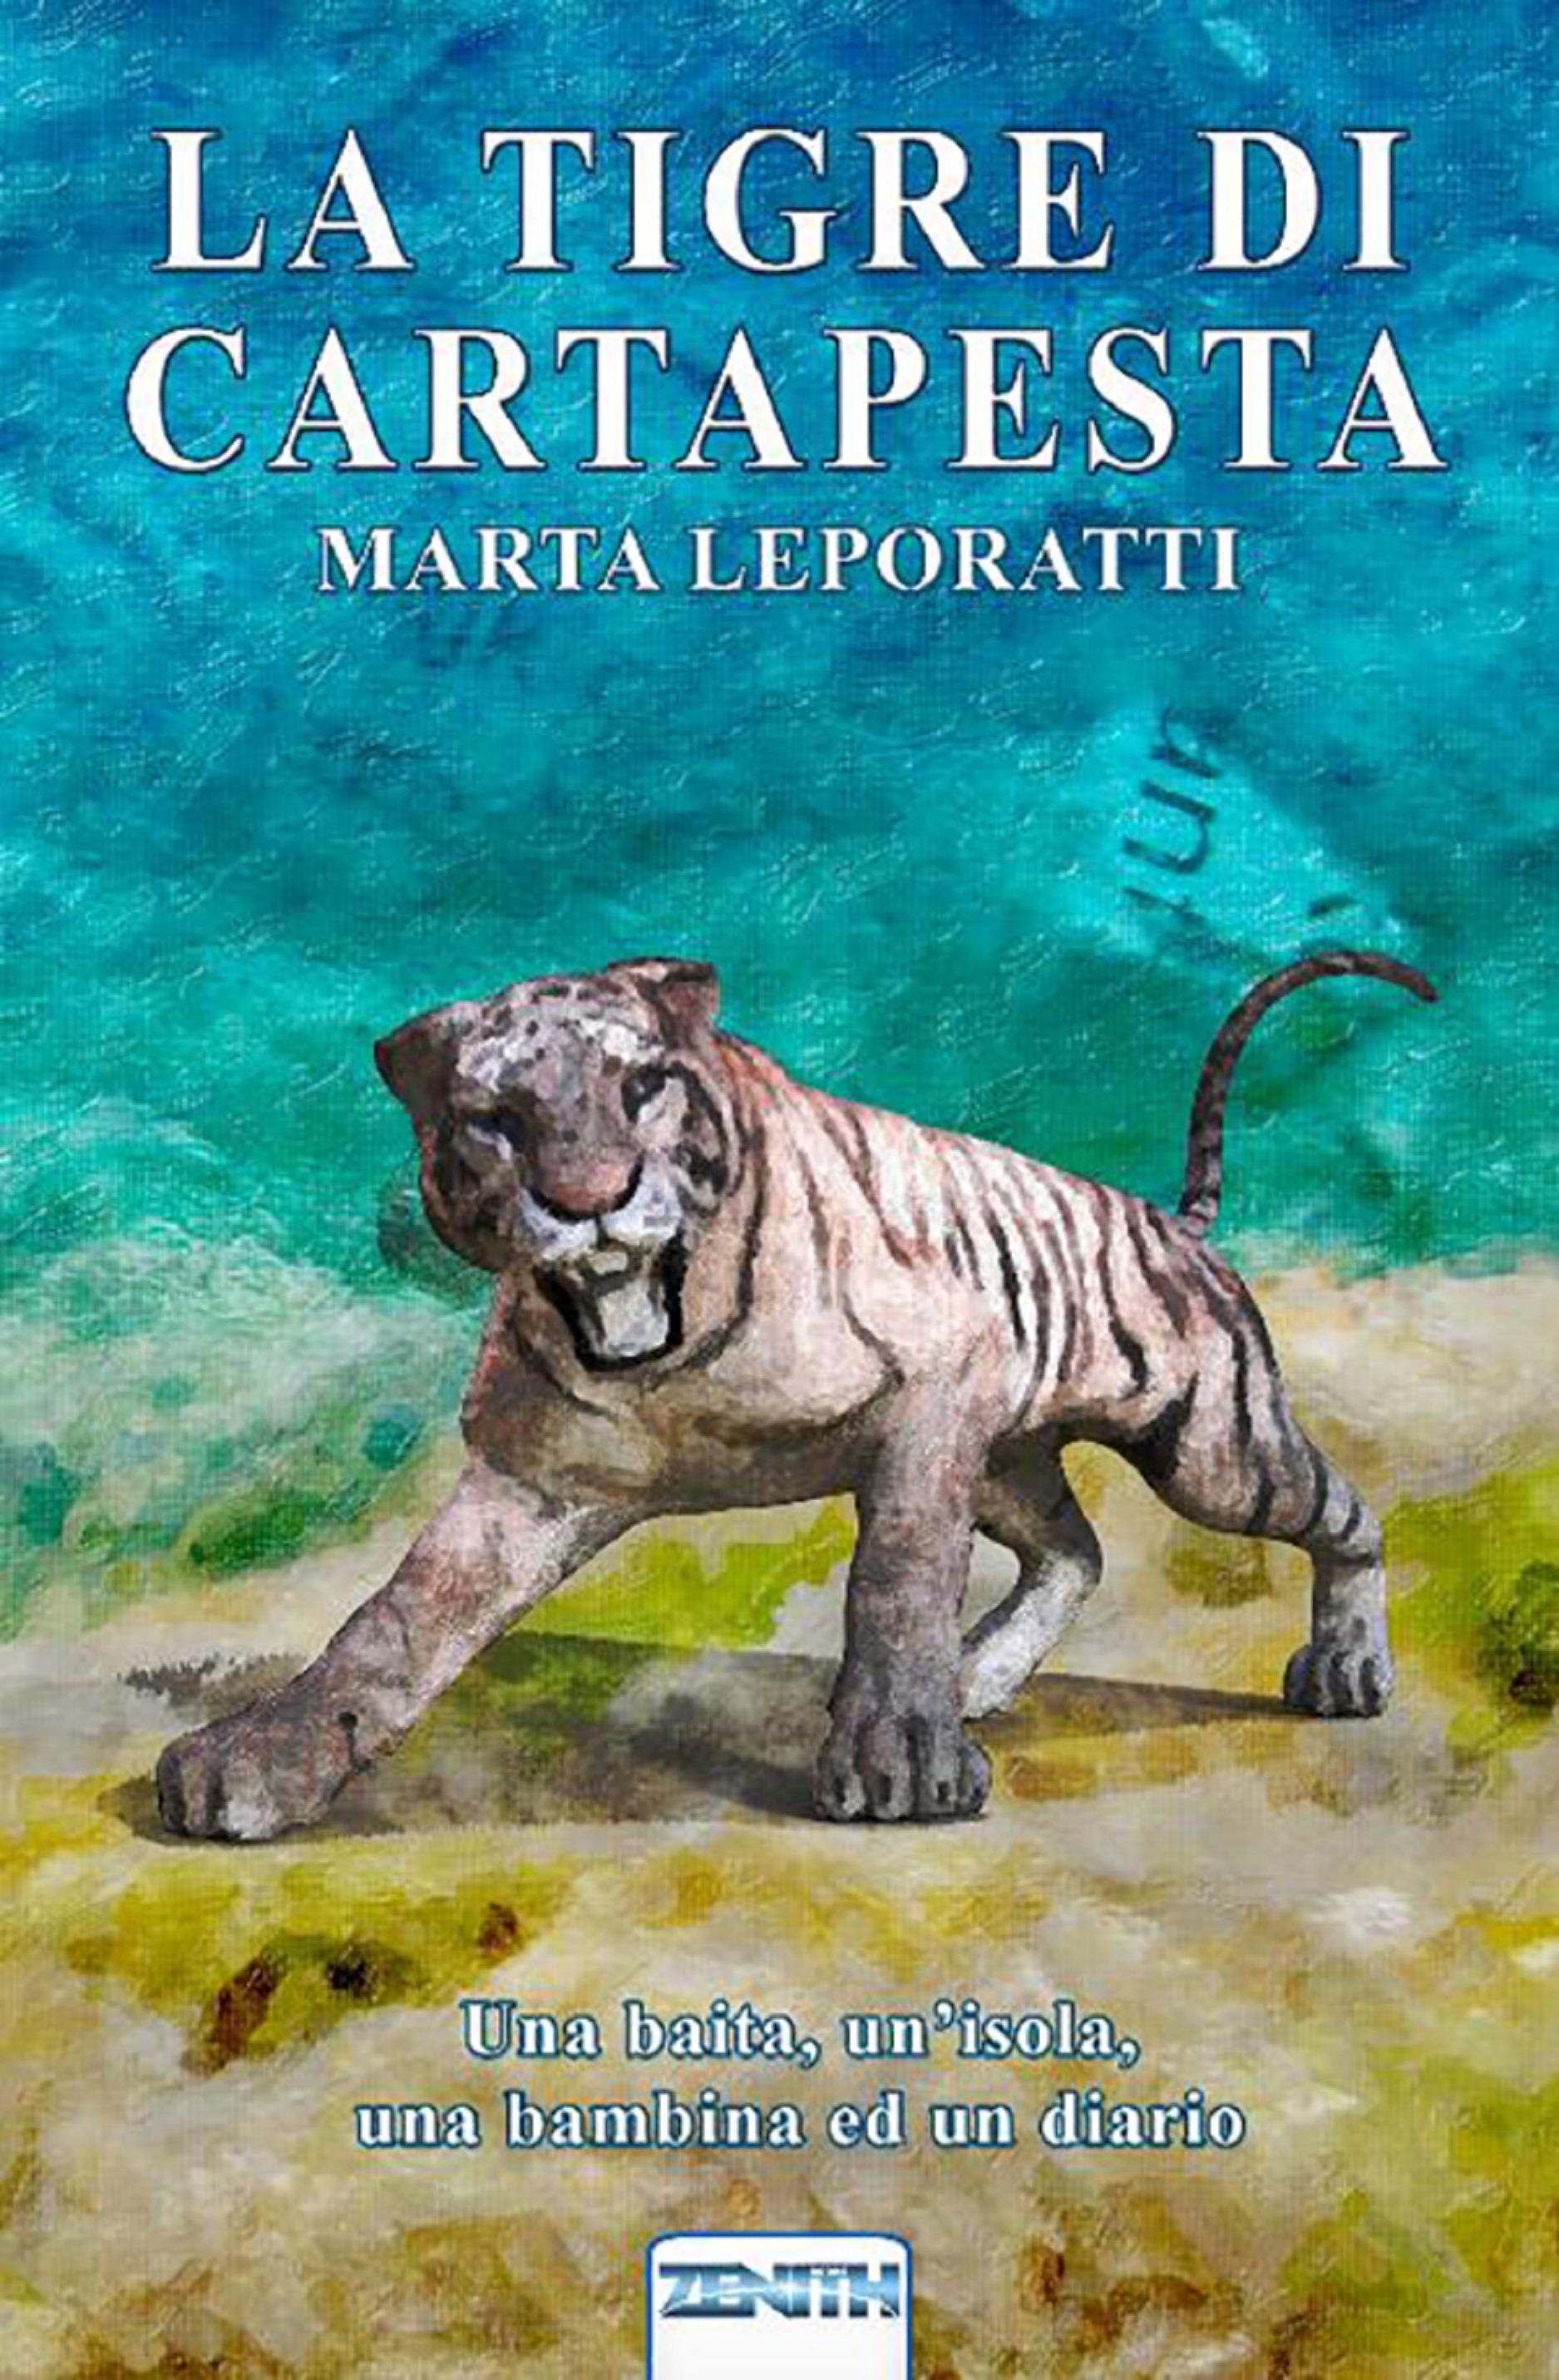 La Tigre di Cartapesta